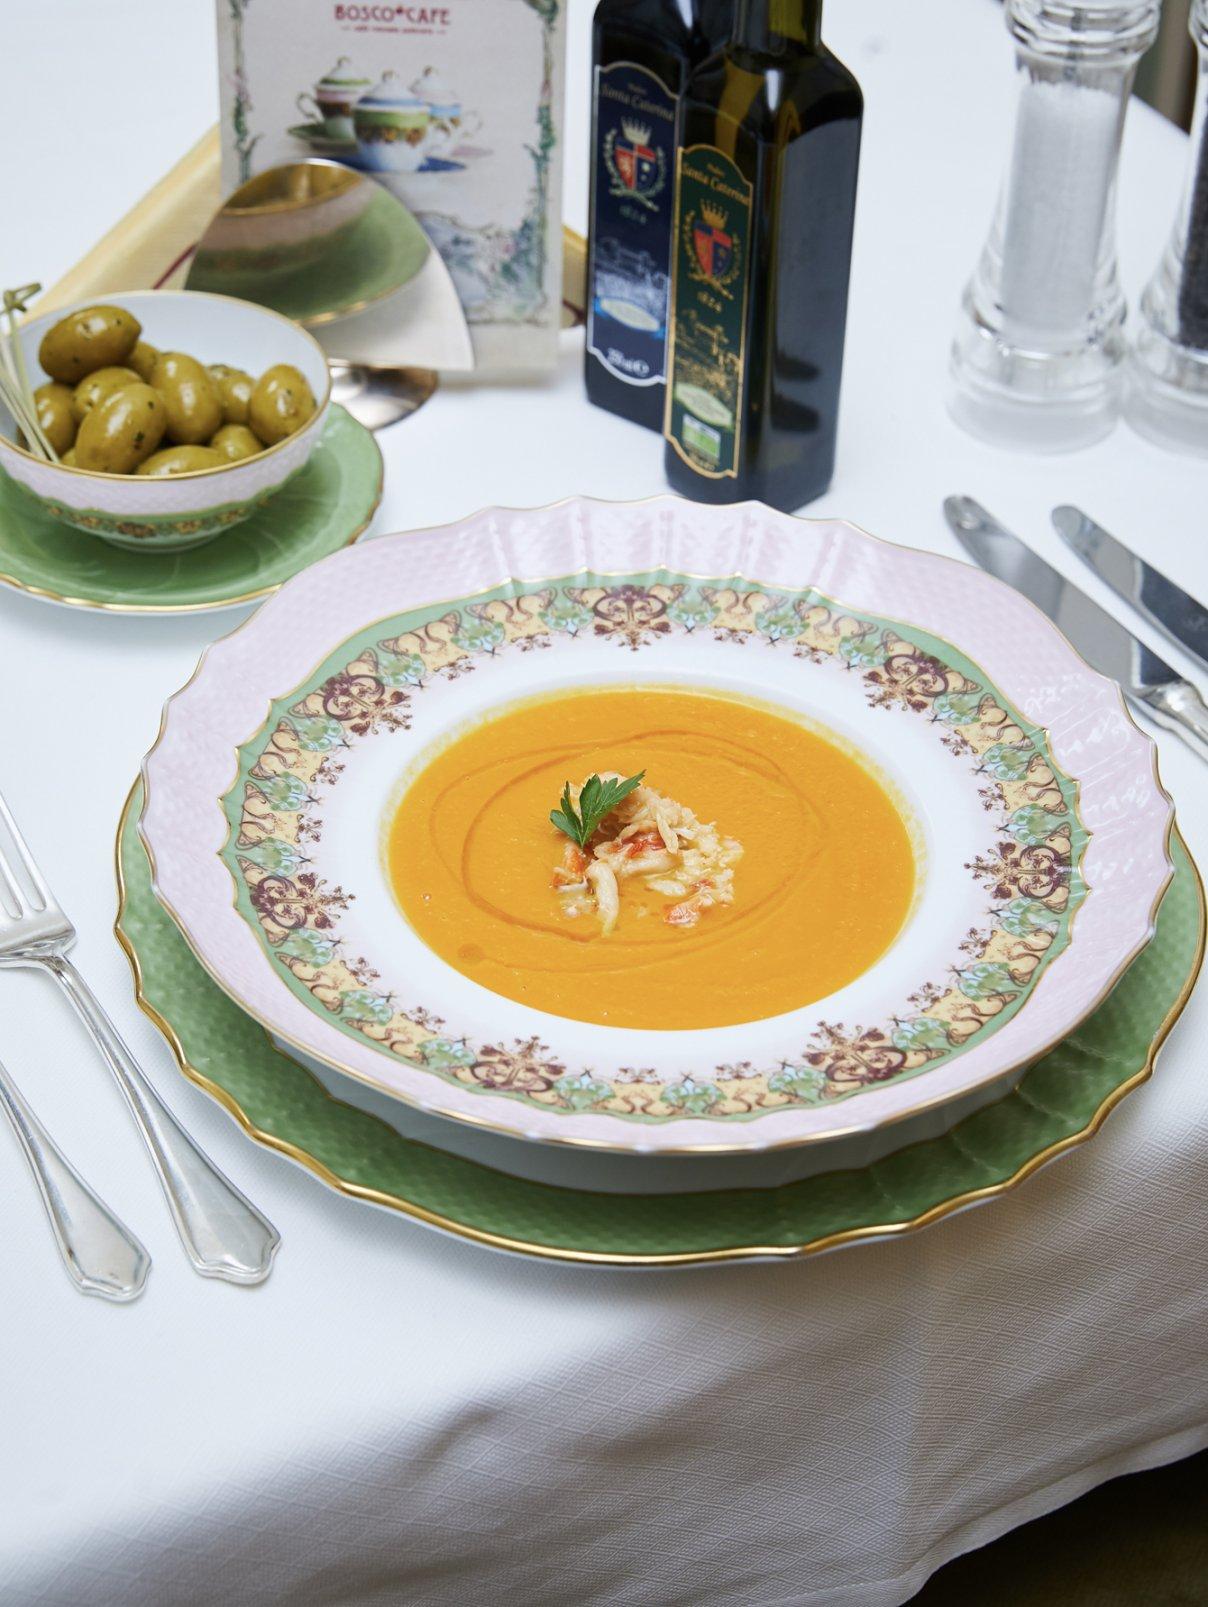 Суп из тыквы BoscoCafe  –  Общий вид